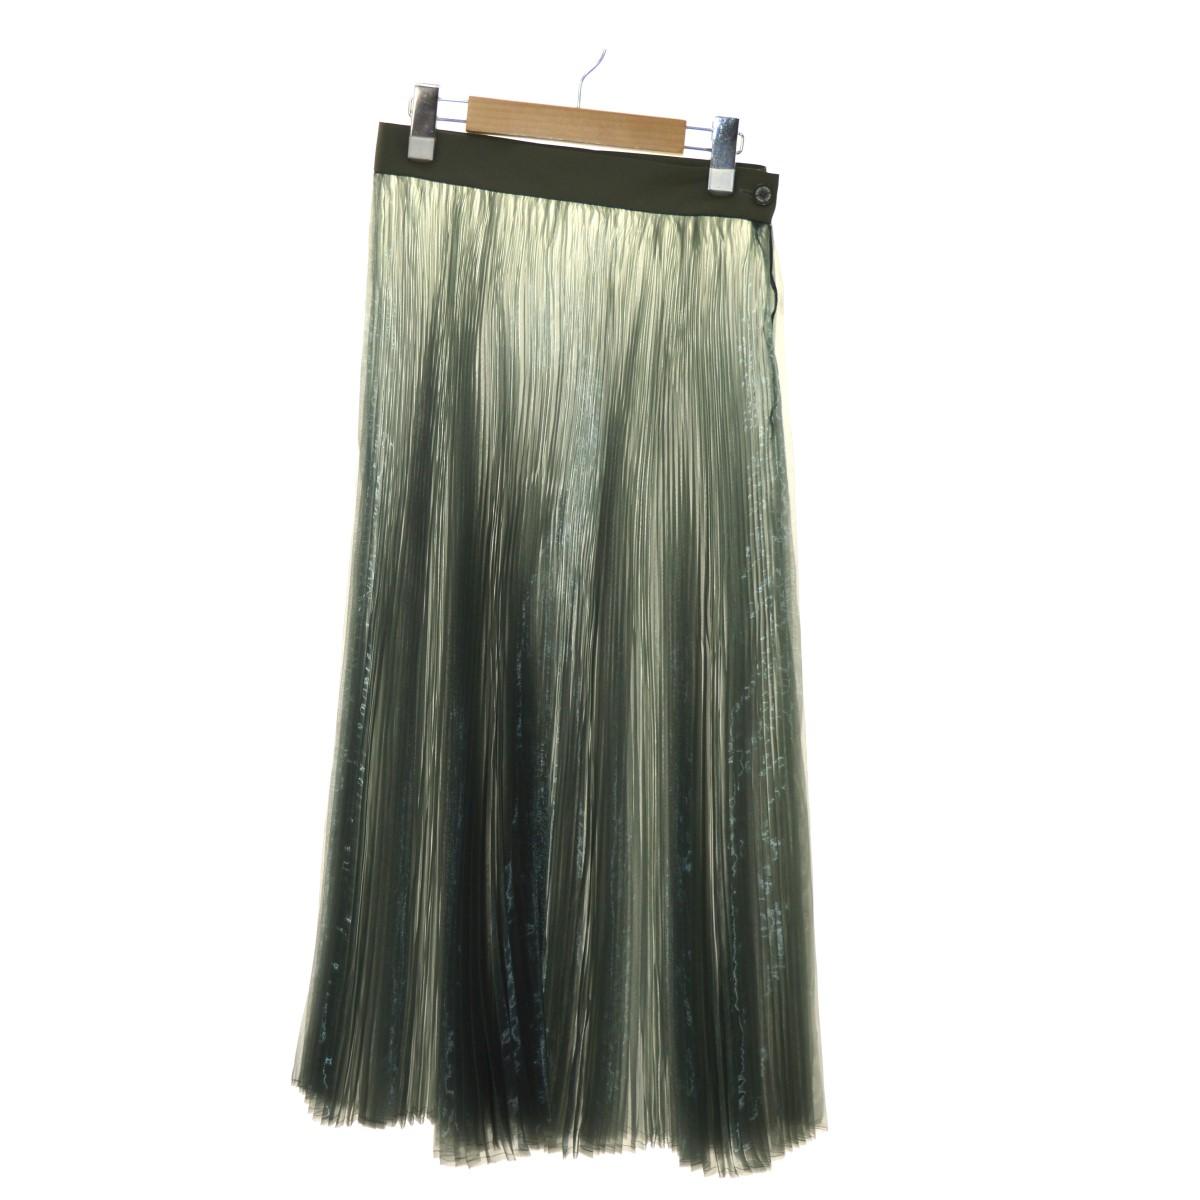 【中古】HYKE シースループリーツスカート グリーン サイズ:M 【020420】(ハイク)